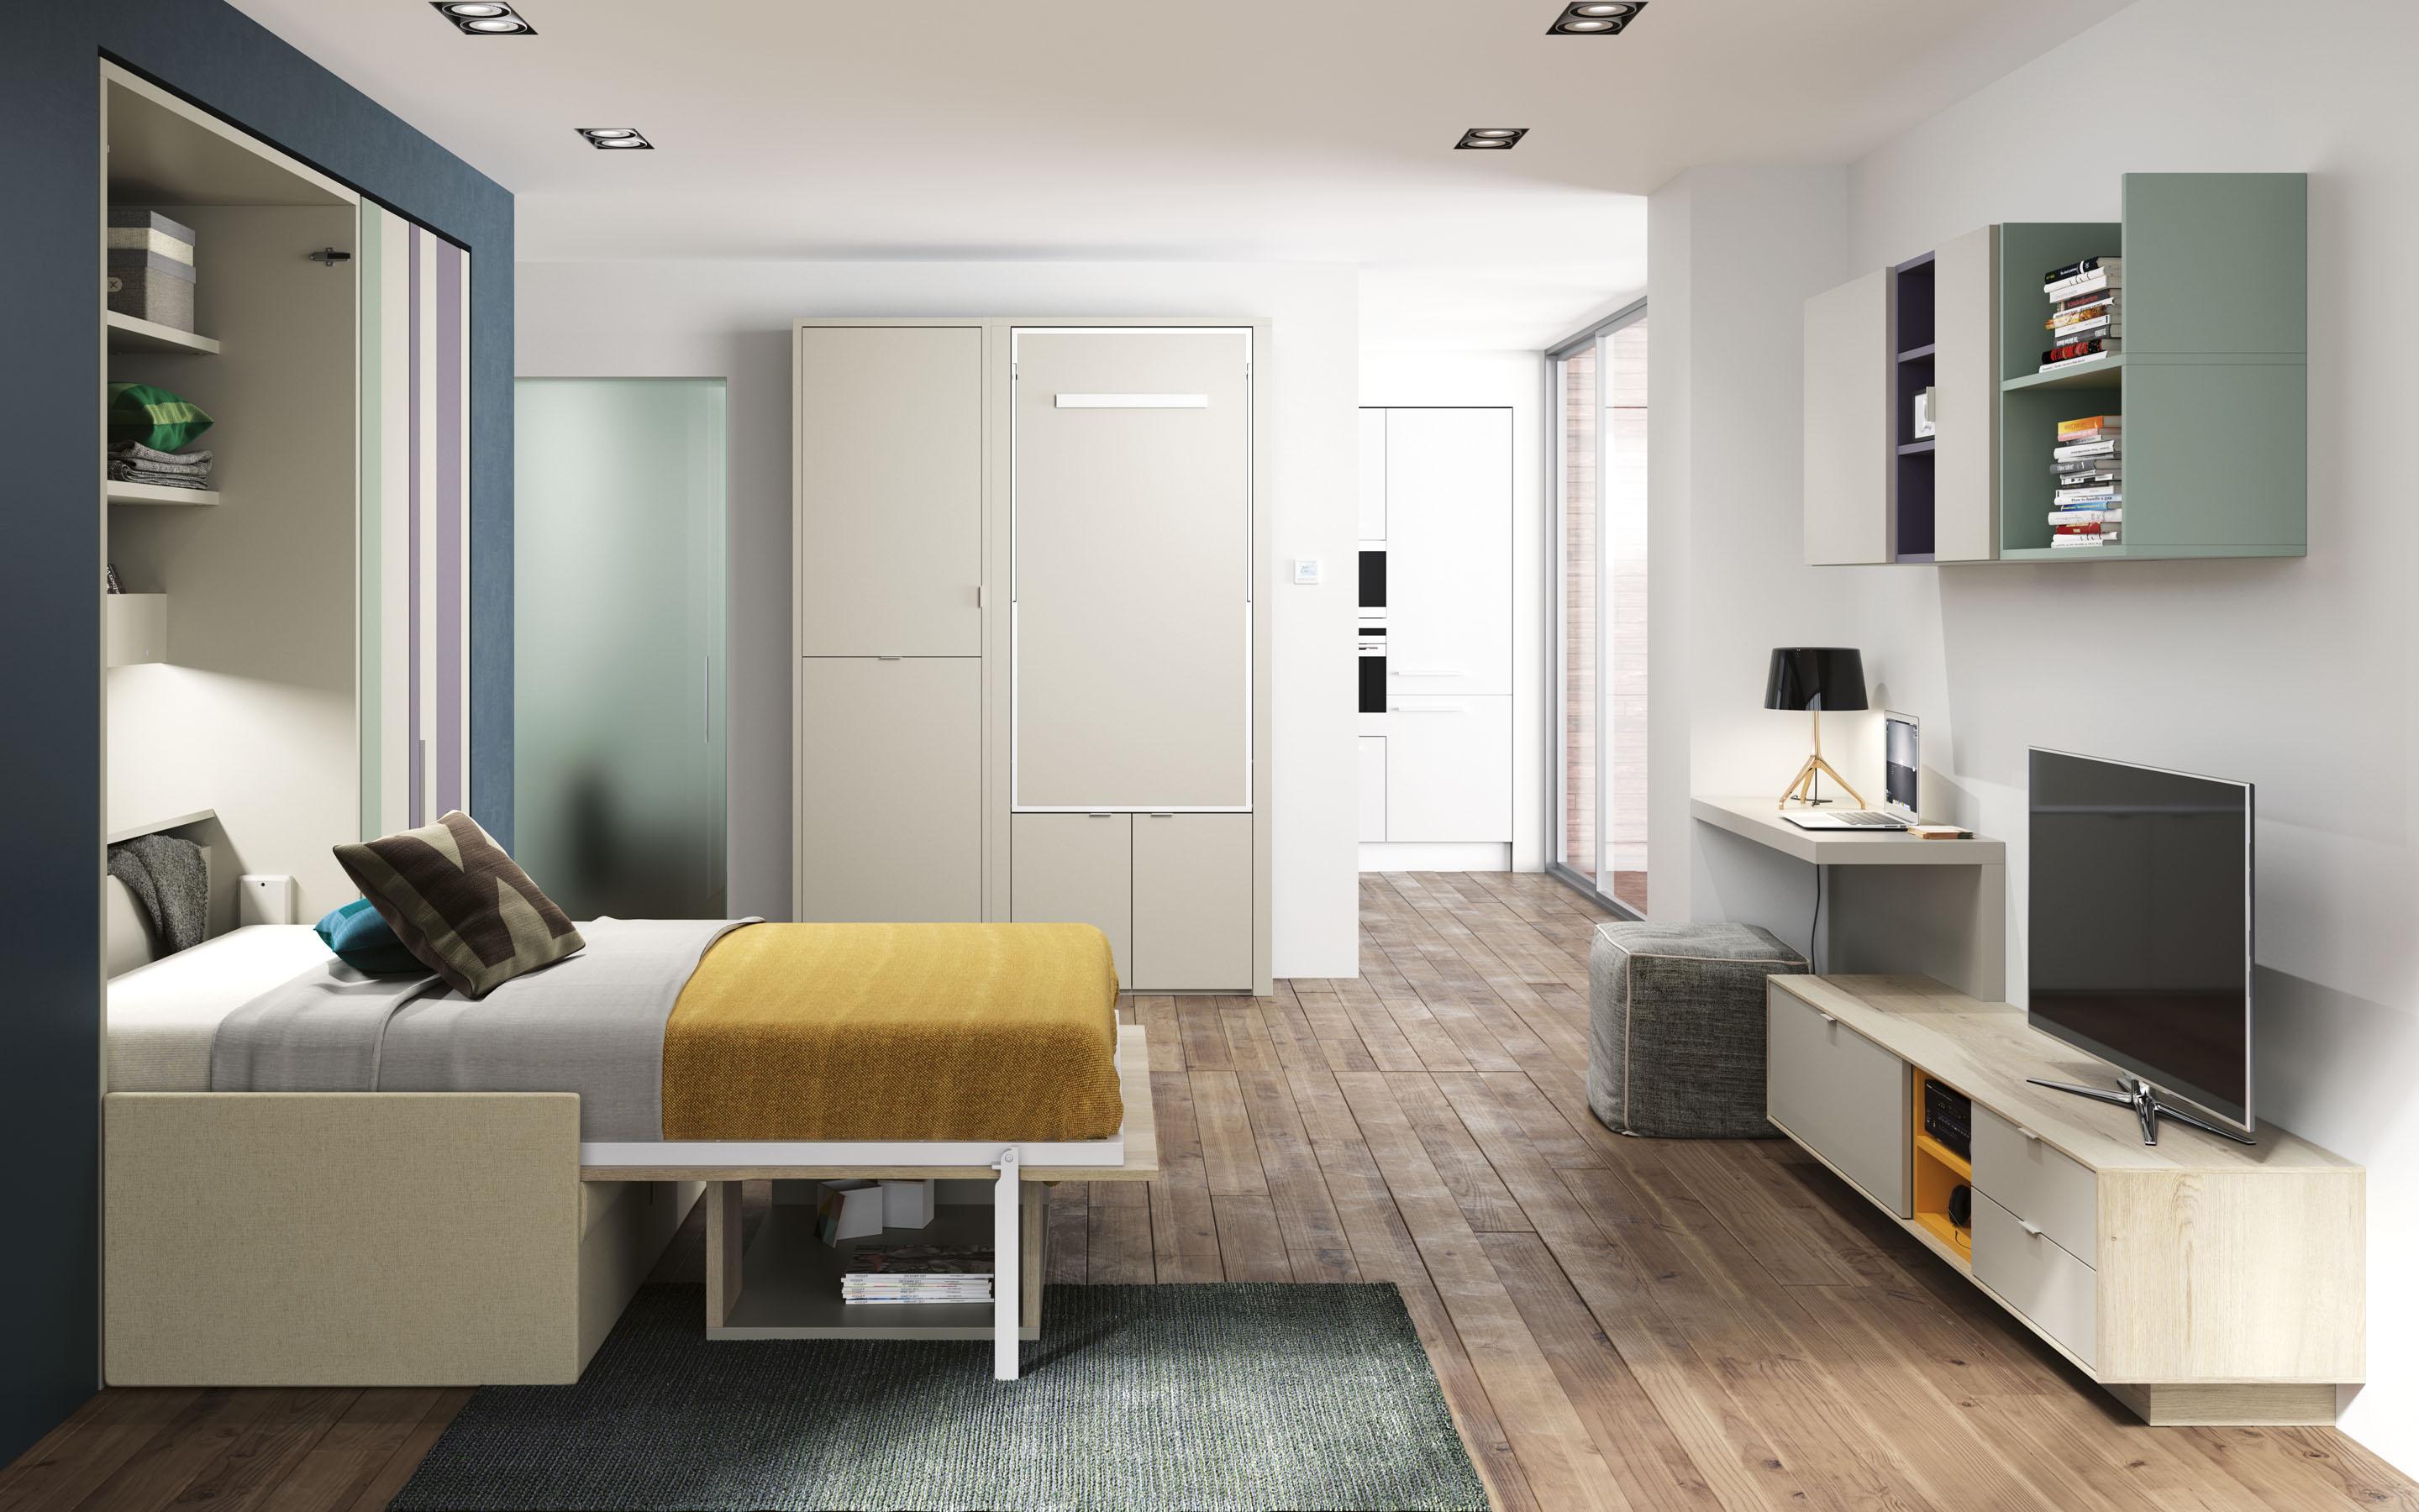 qb next tegar habitaciones juveniles